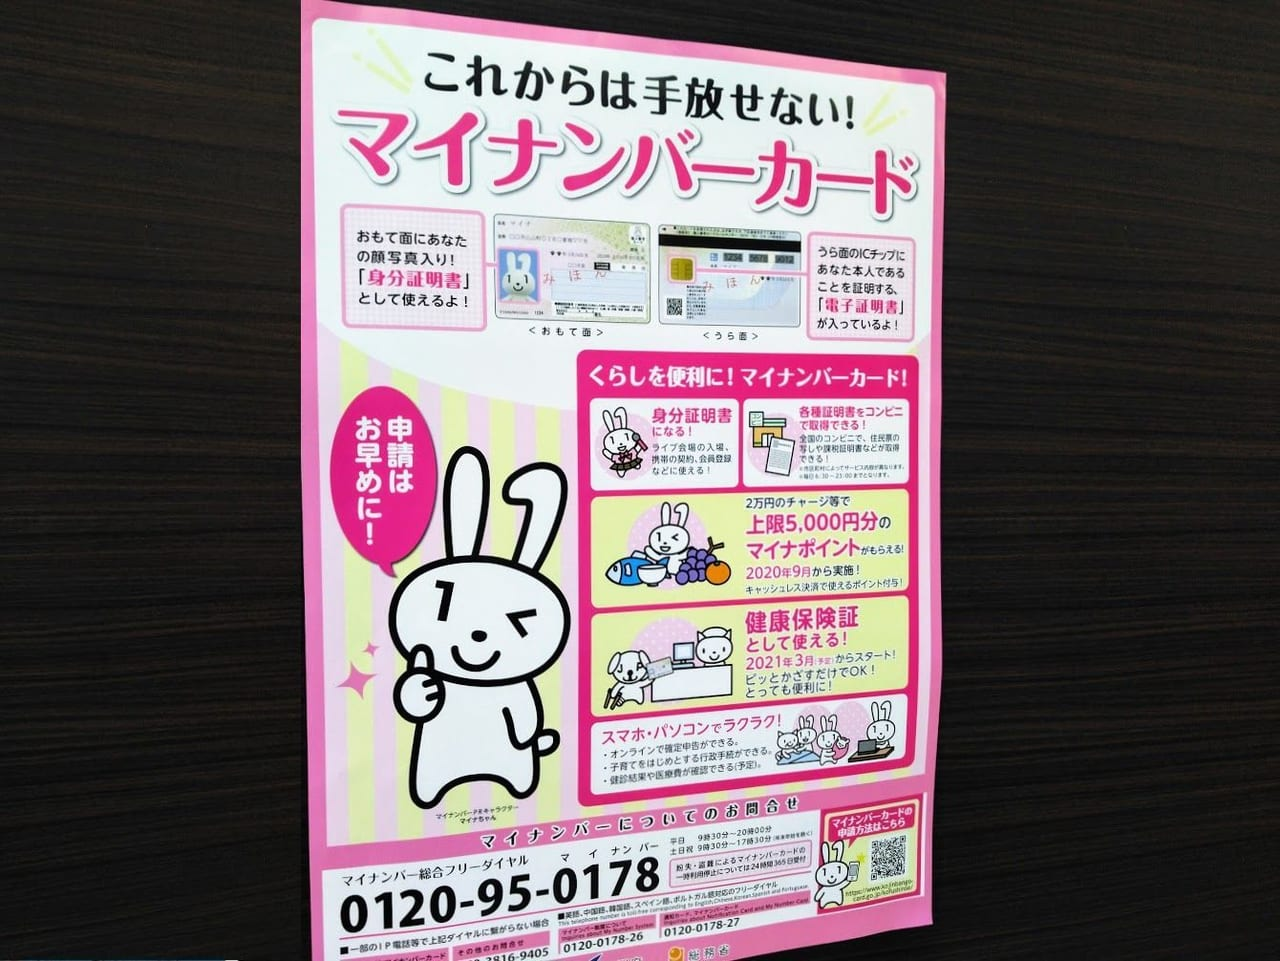 文京 区 マイ ナンバーカード